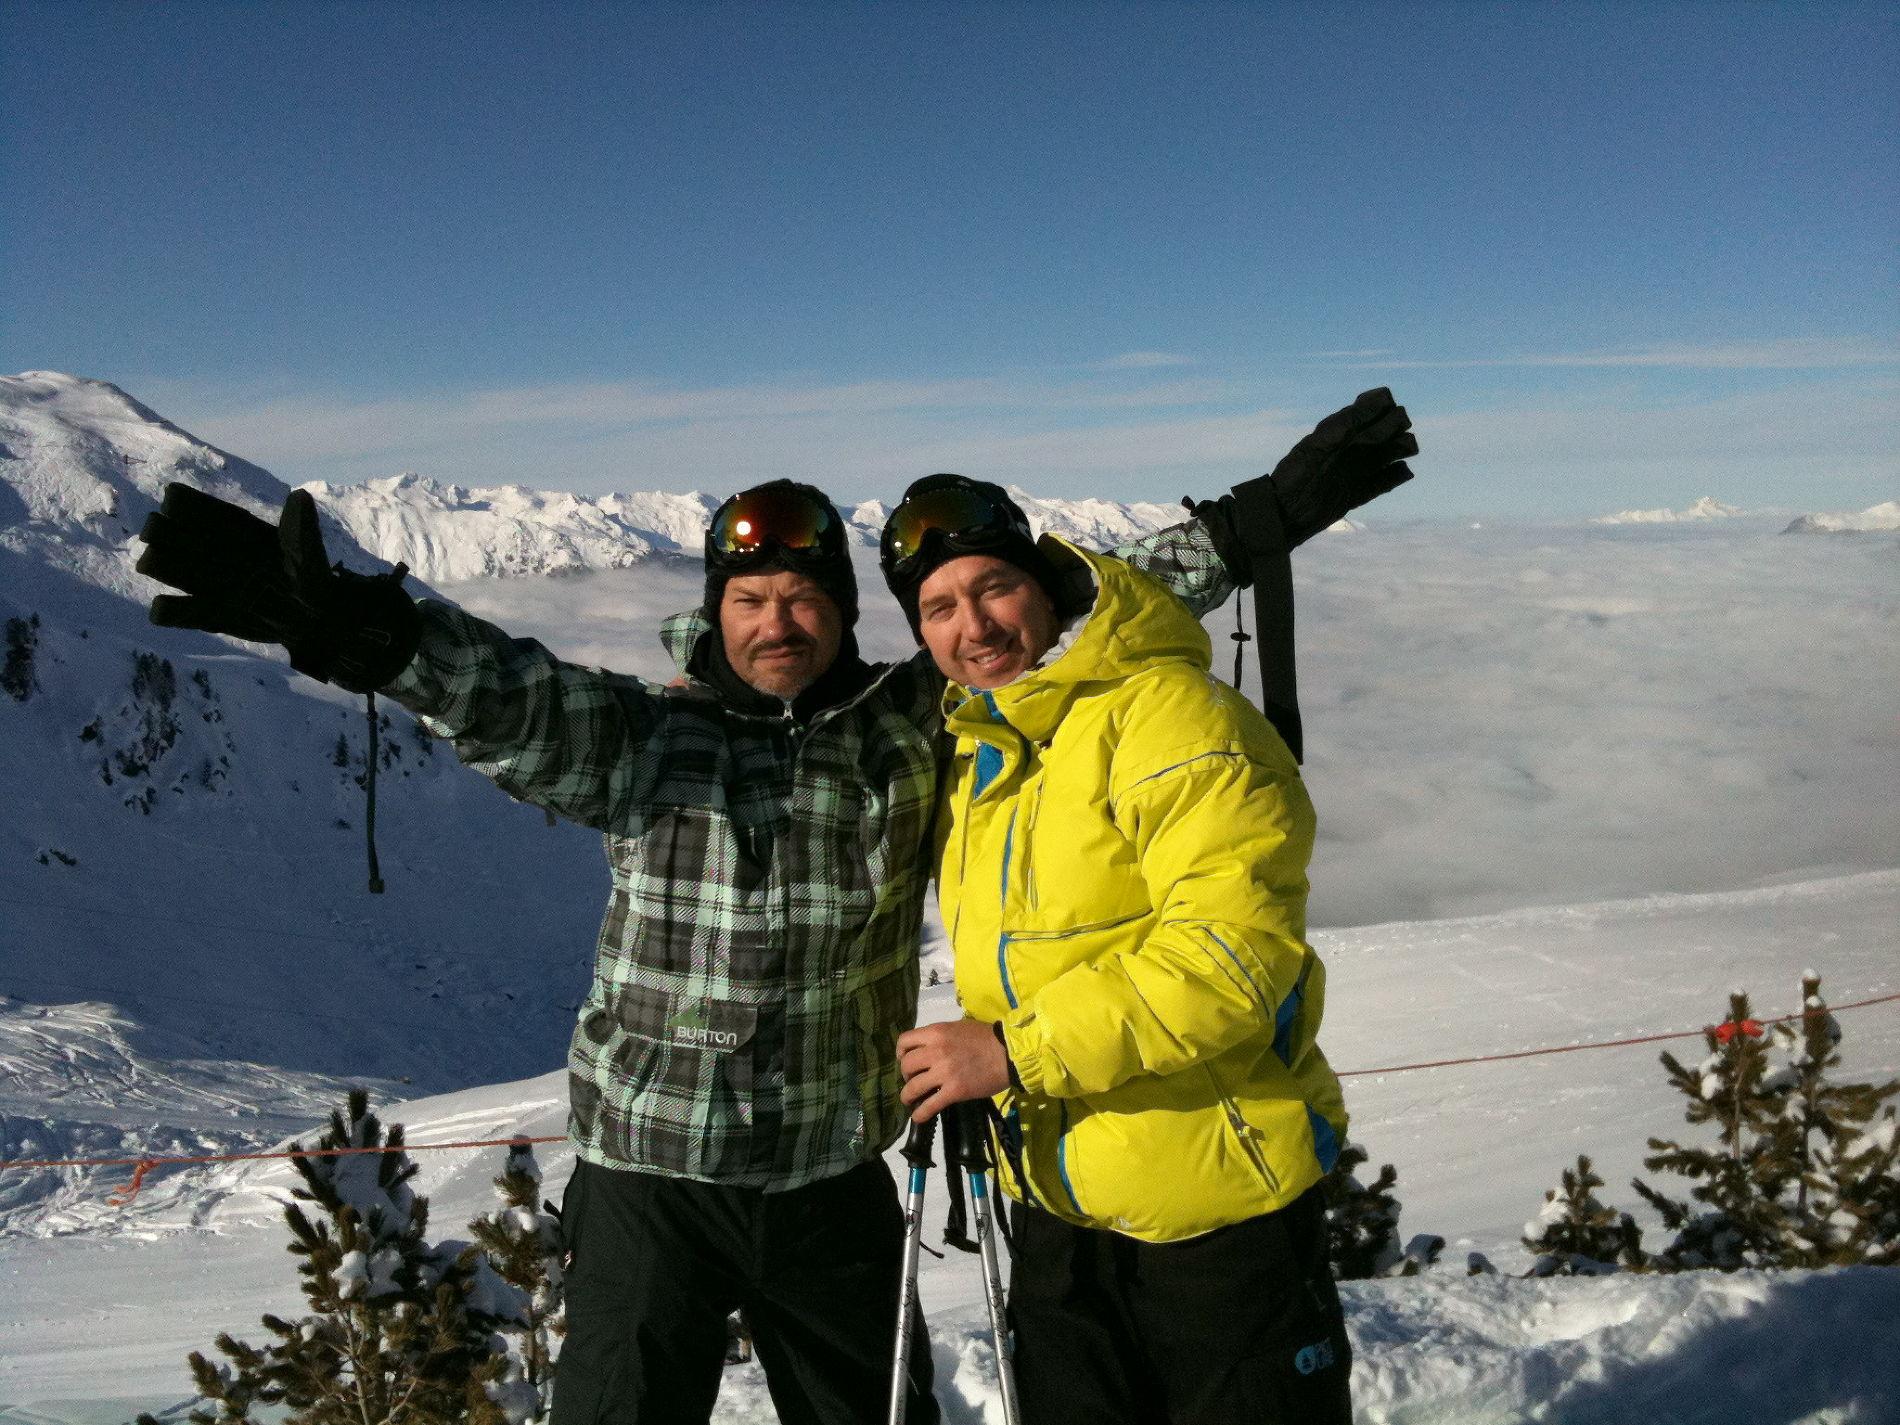 Руслан Байсаров на горнолыжном курорте с Федором Бондарчуком ©Фото из личного архива